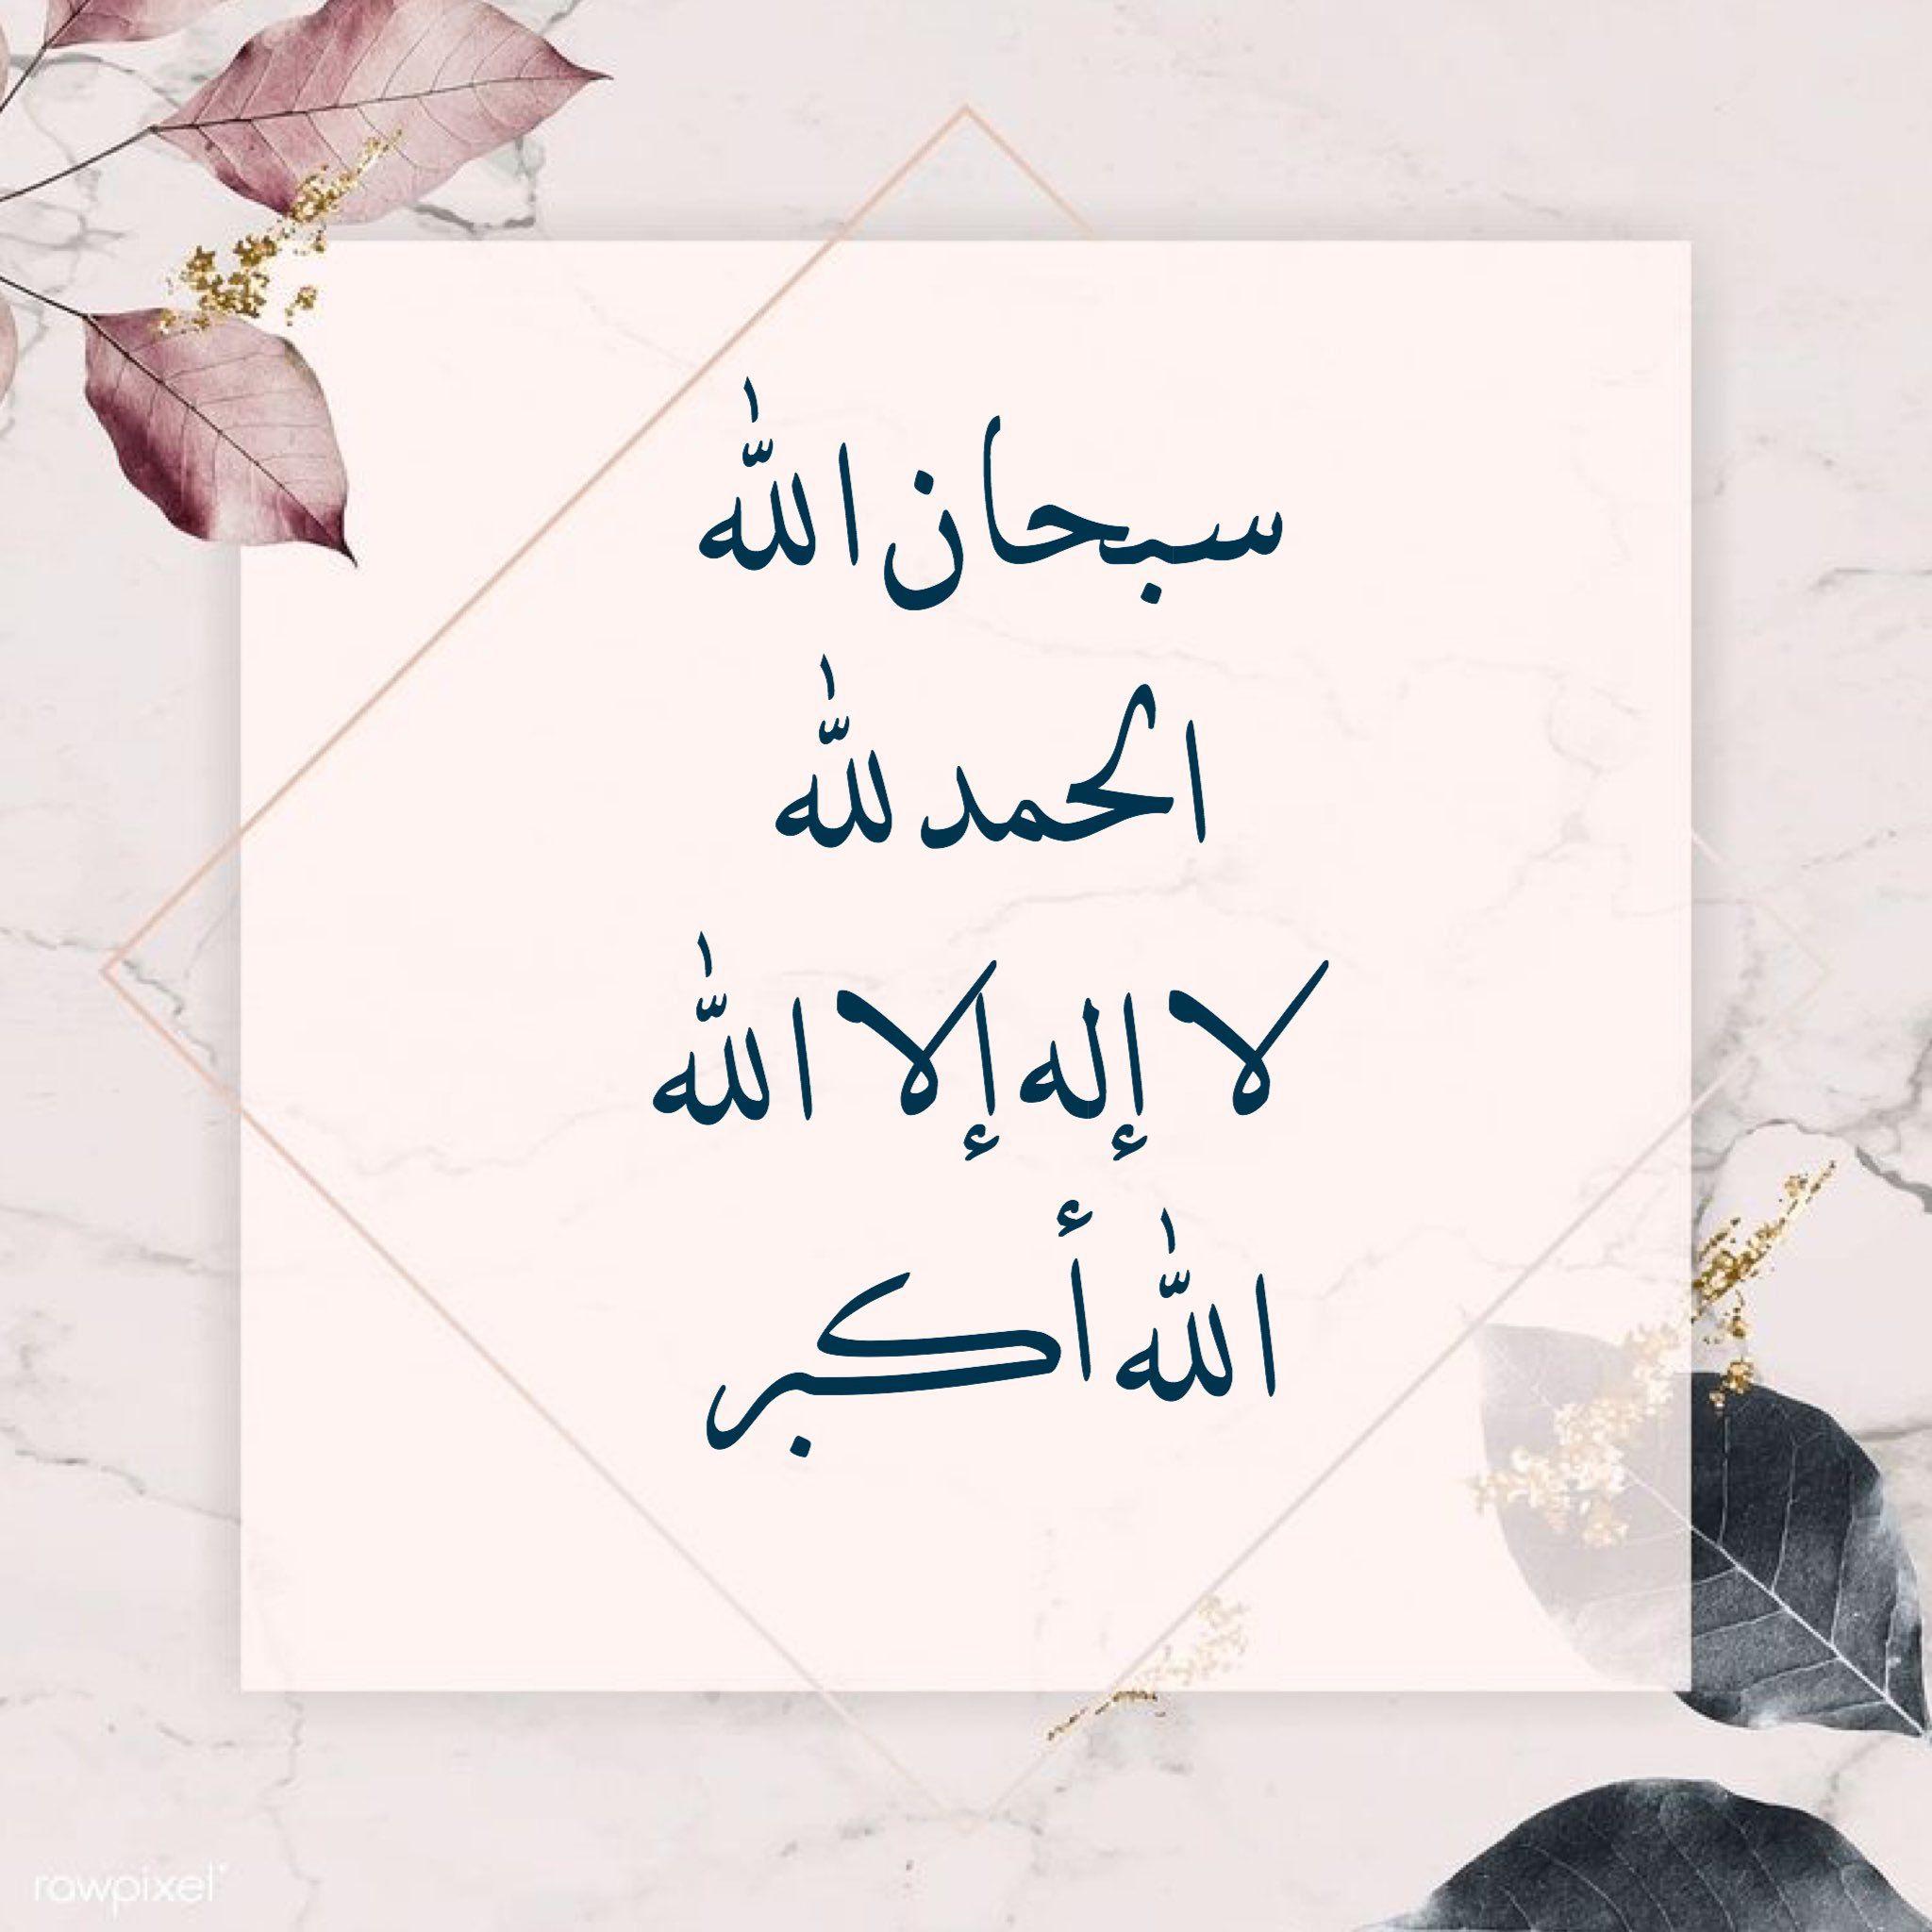 سبحان الله والحمد لله ولا إله إلا الله والله أكبر Beautiful Arabic Words Place Card Holders Doa Islam